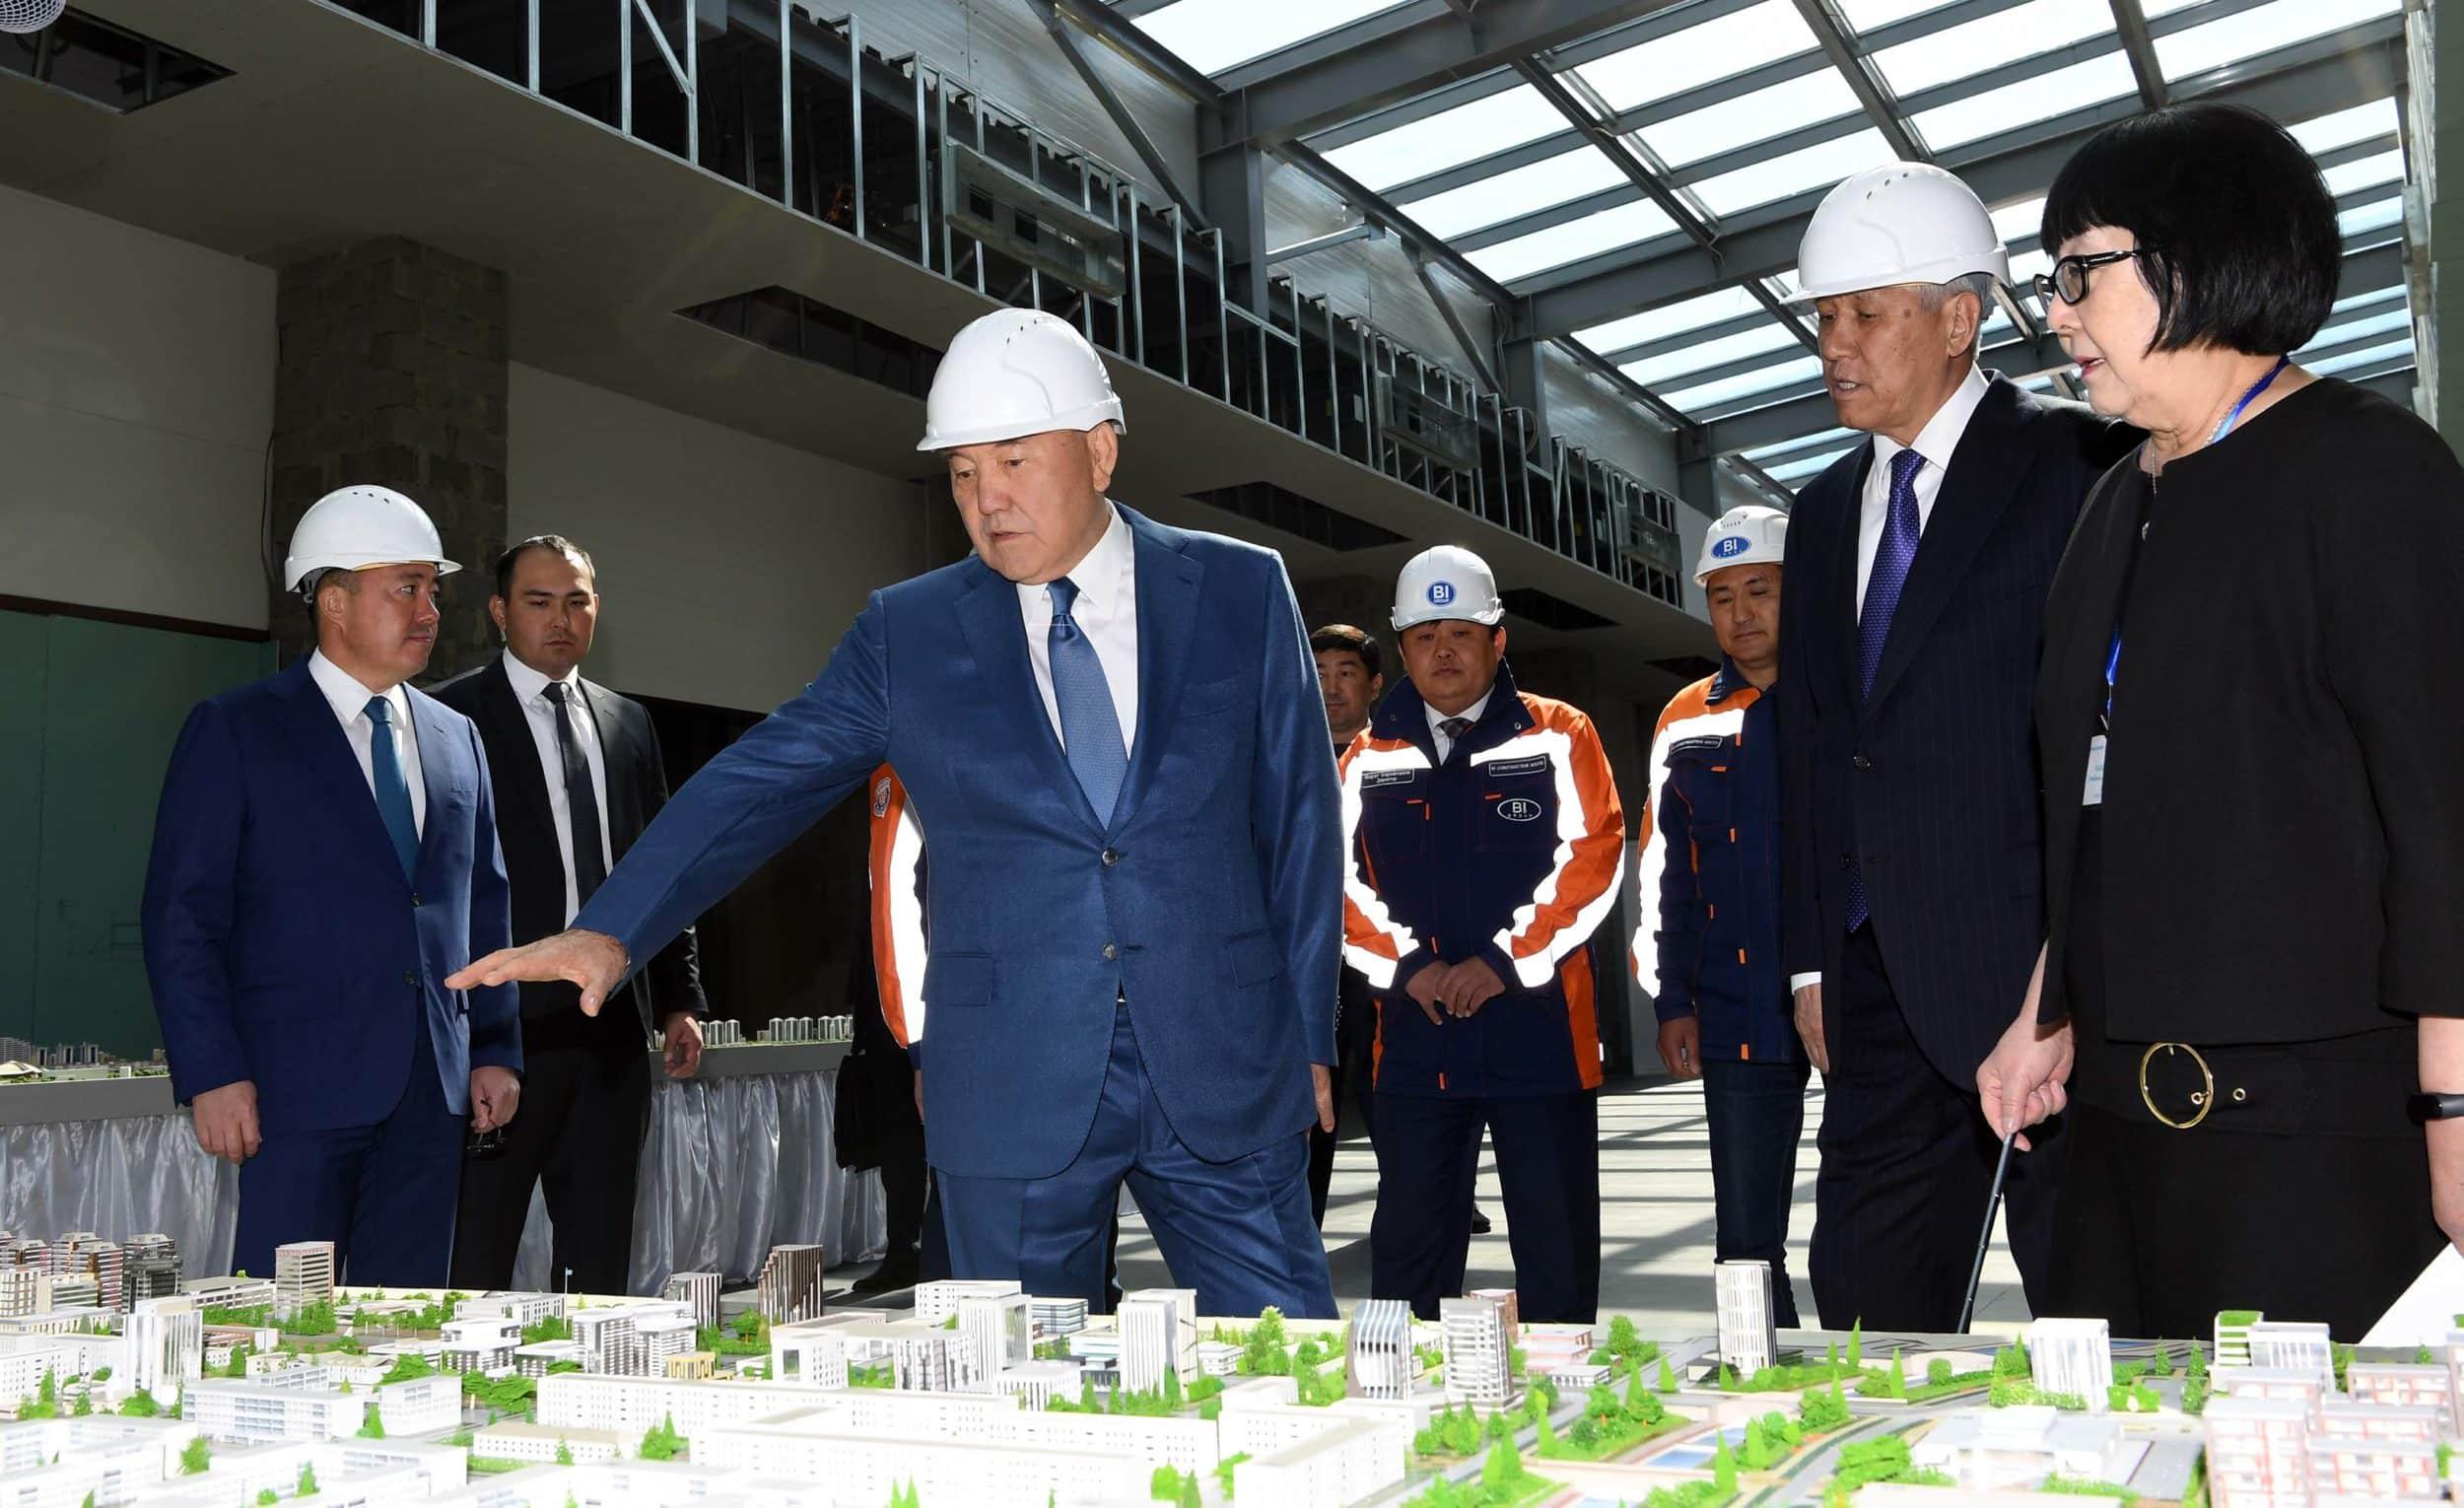 Нұрсұлтан Назарбаев Шамалғандағы дене шынықтыру кешенінде